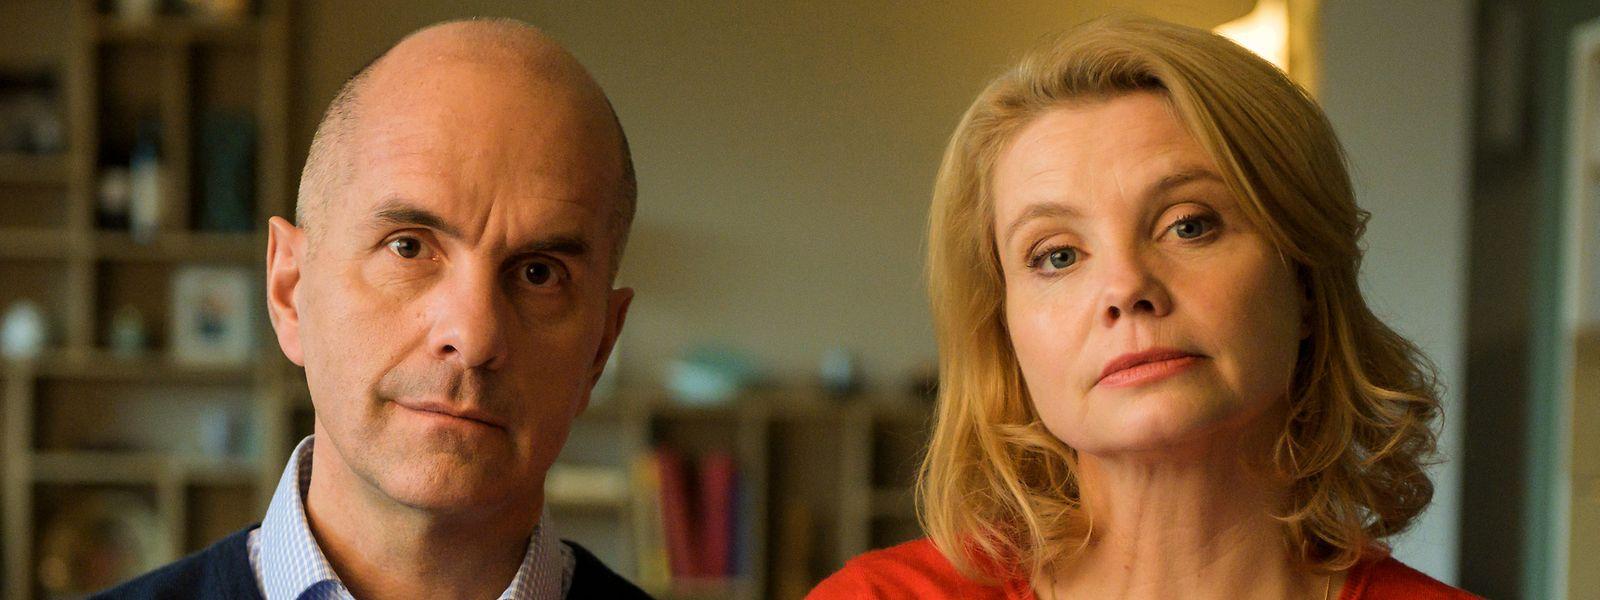 Anne (Annette Frier) und ihr Mann Erik (Christoph Maria Herbst) versuchen es noch einmal miteinander, mal schauen, ob es klappt.